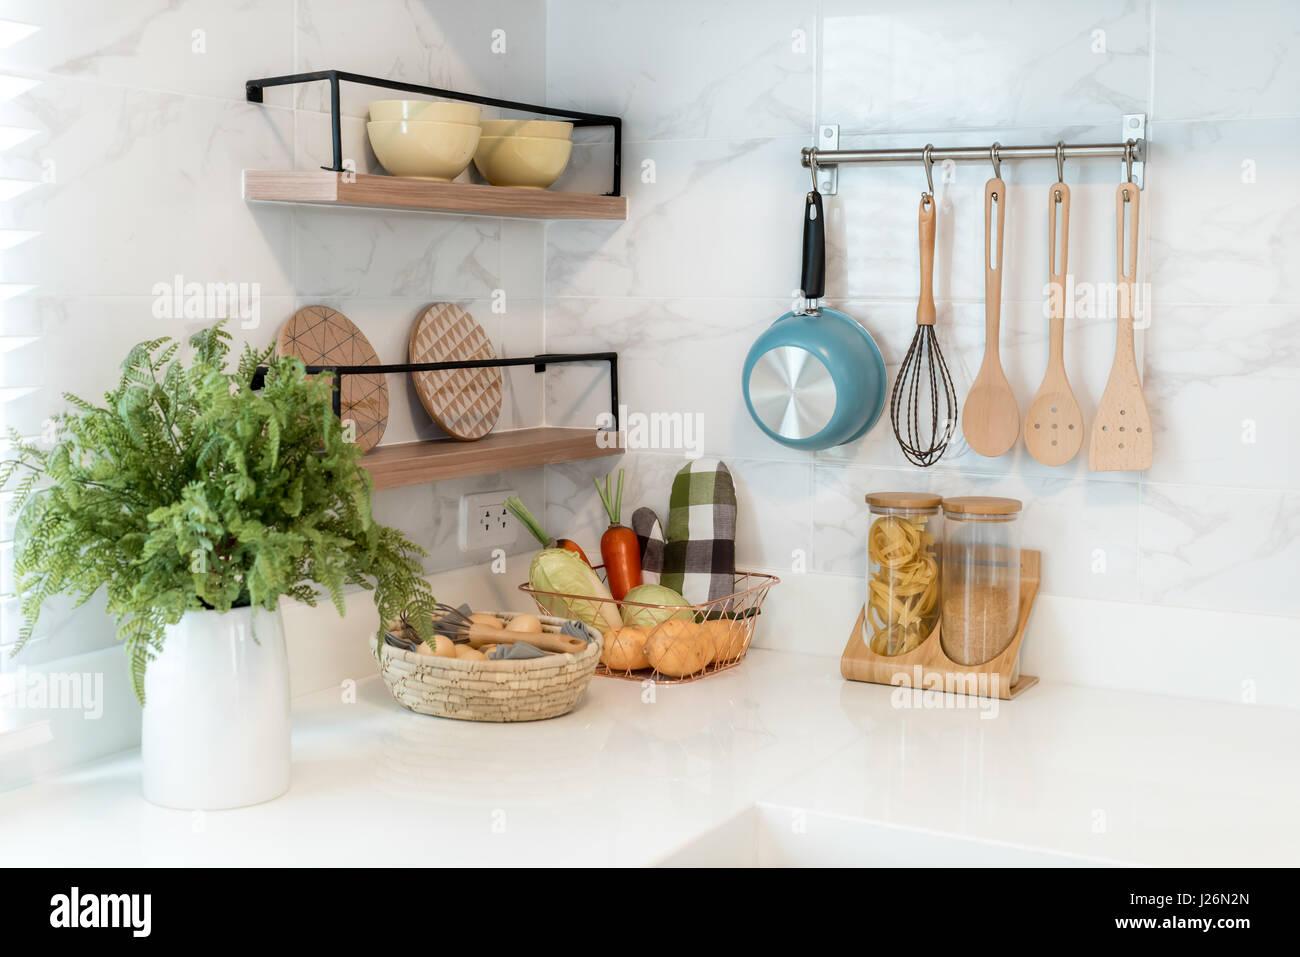 Outils de cuisine, chef d'accessoires. Cuisine en cuivre suspendus avec du carrelage blanc mur. Photo Stock